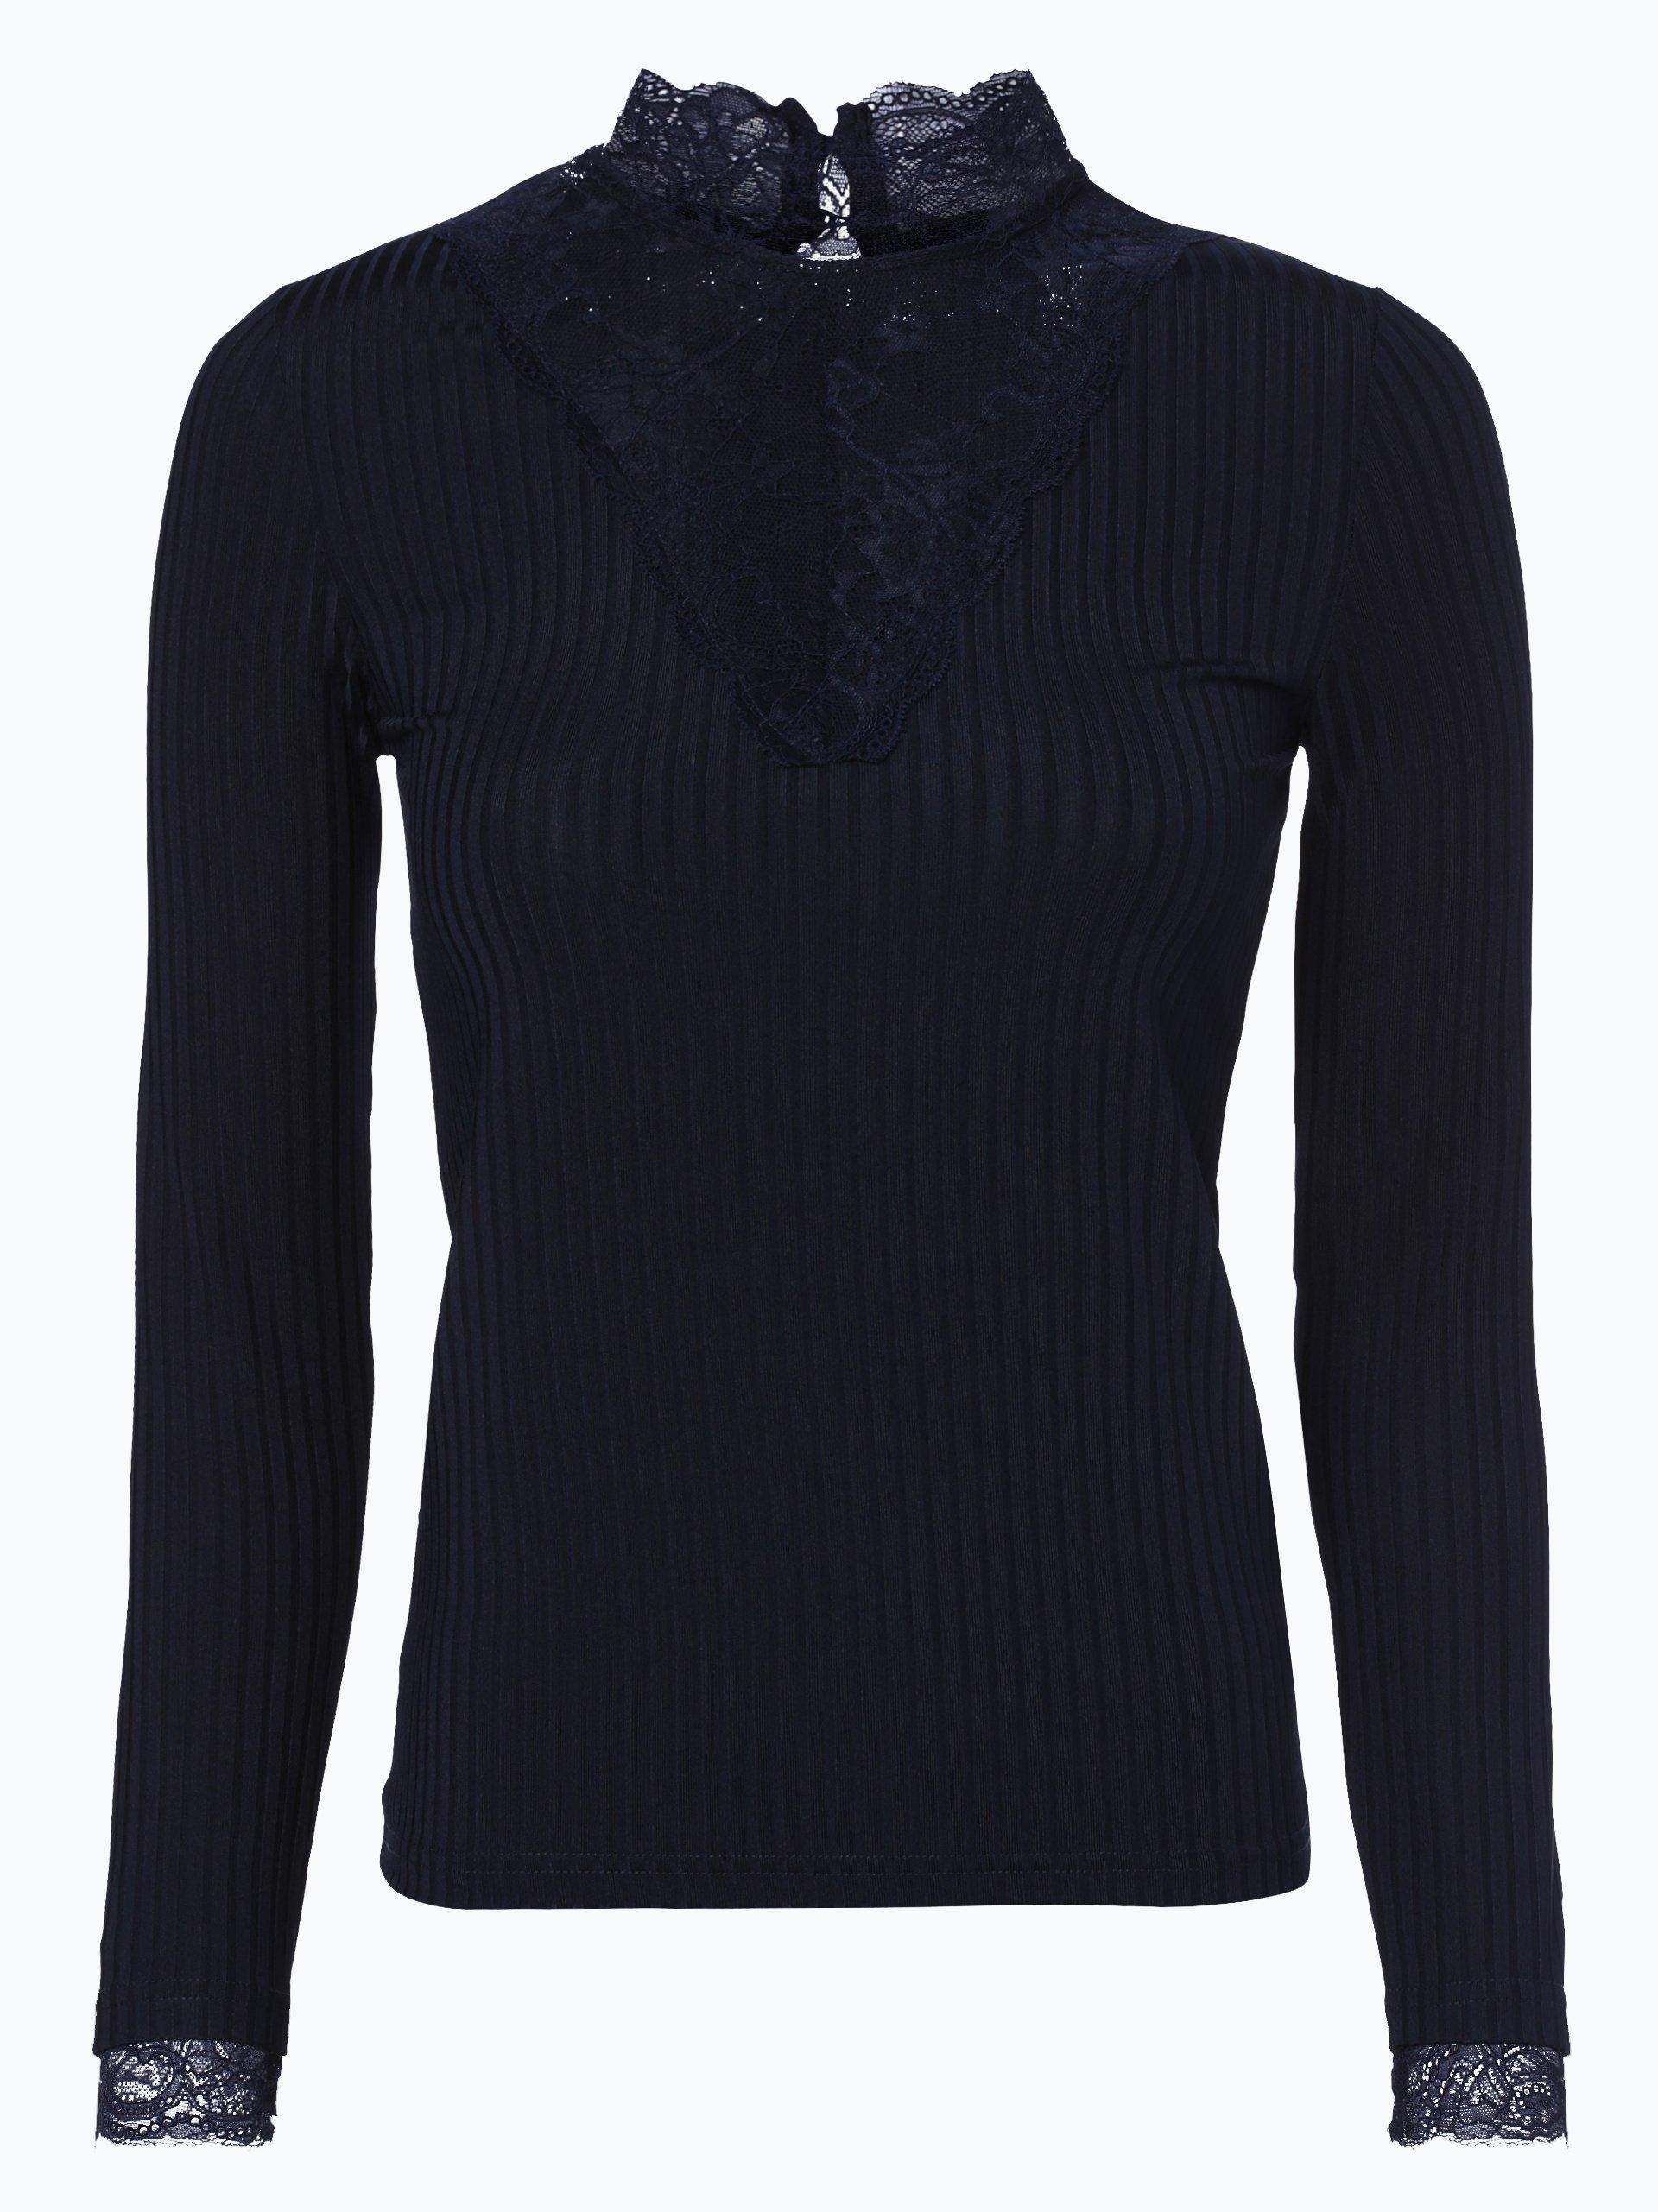 ONLY Damen Langarmshirt - Dina